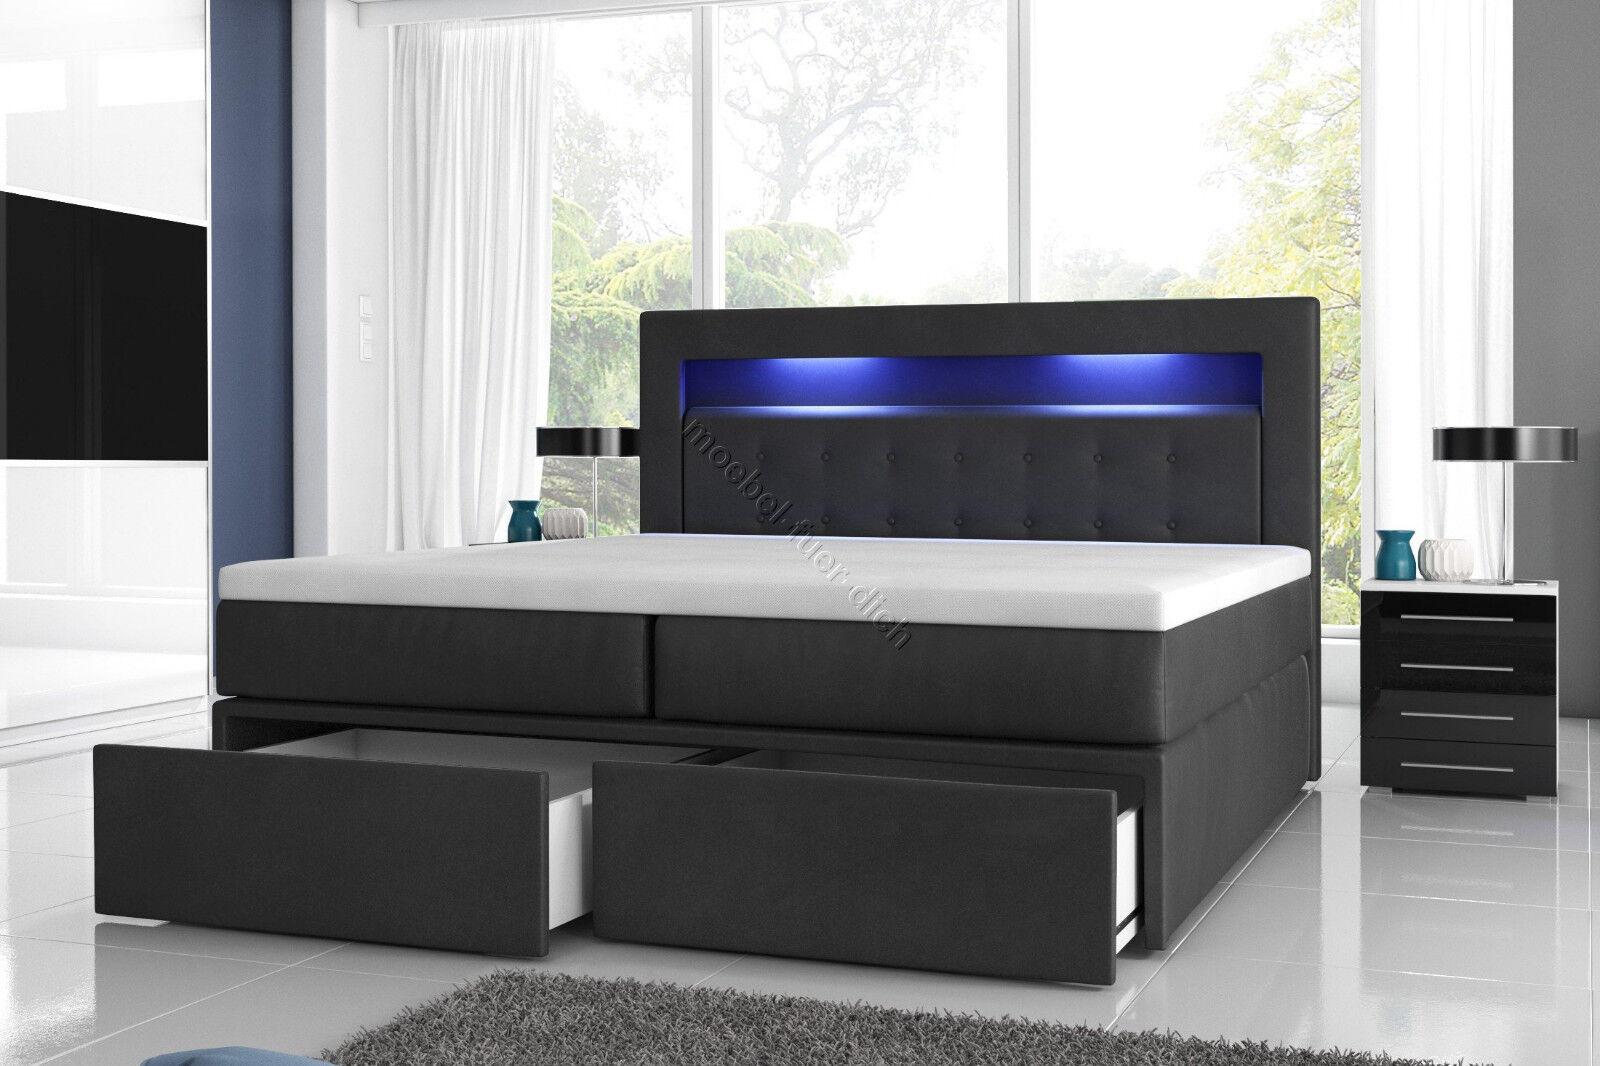 Boxspringbett Milano2 mit zwei Bettkasten und LED-Beleuchtung weiß oder schwarz